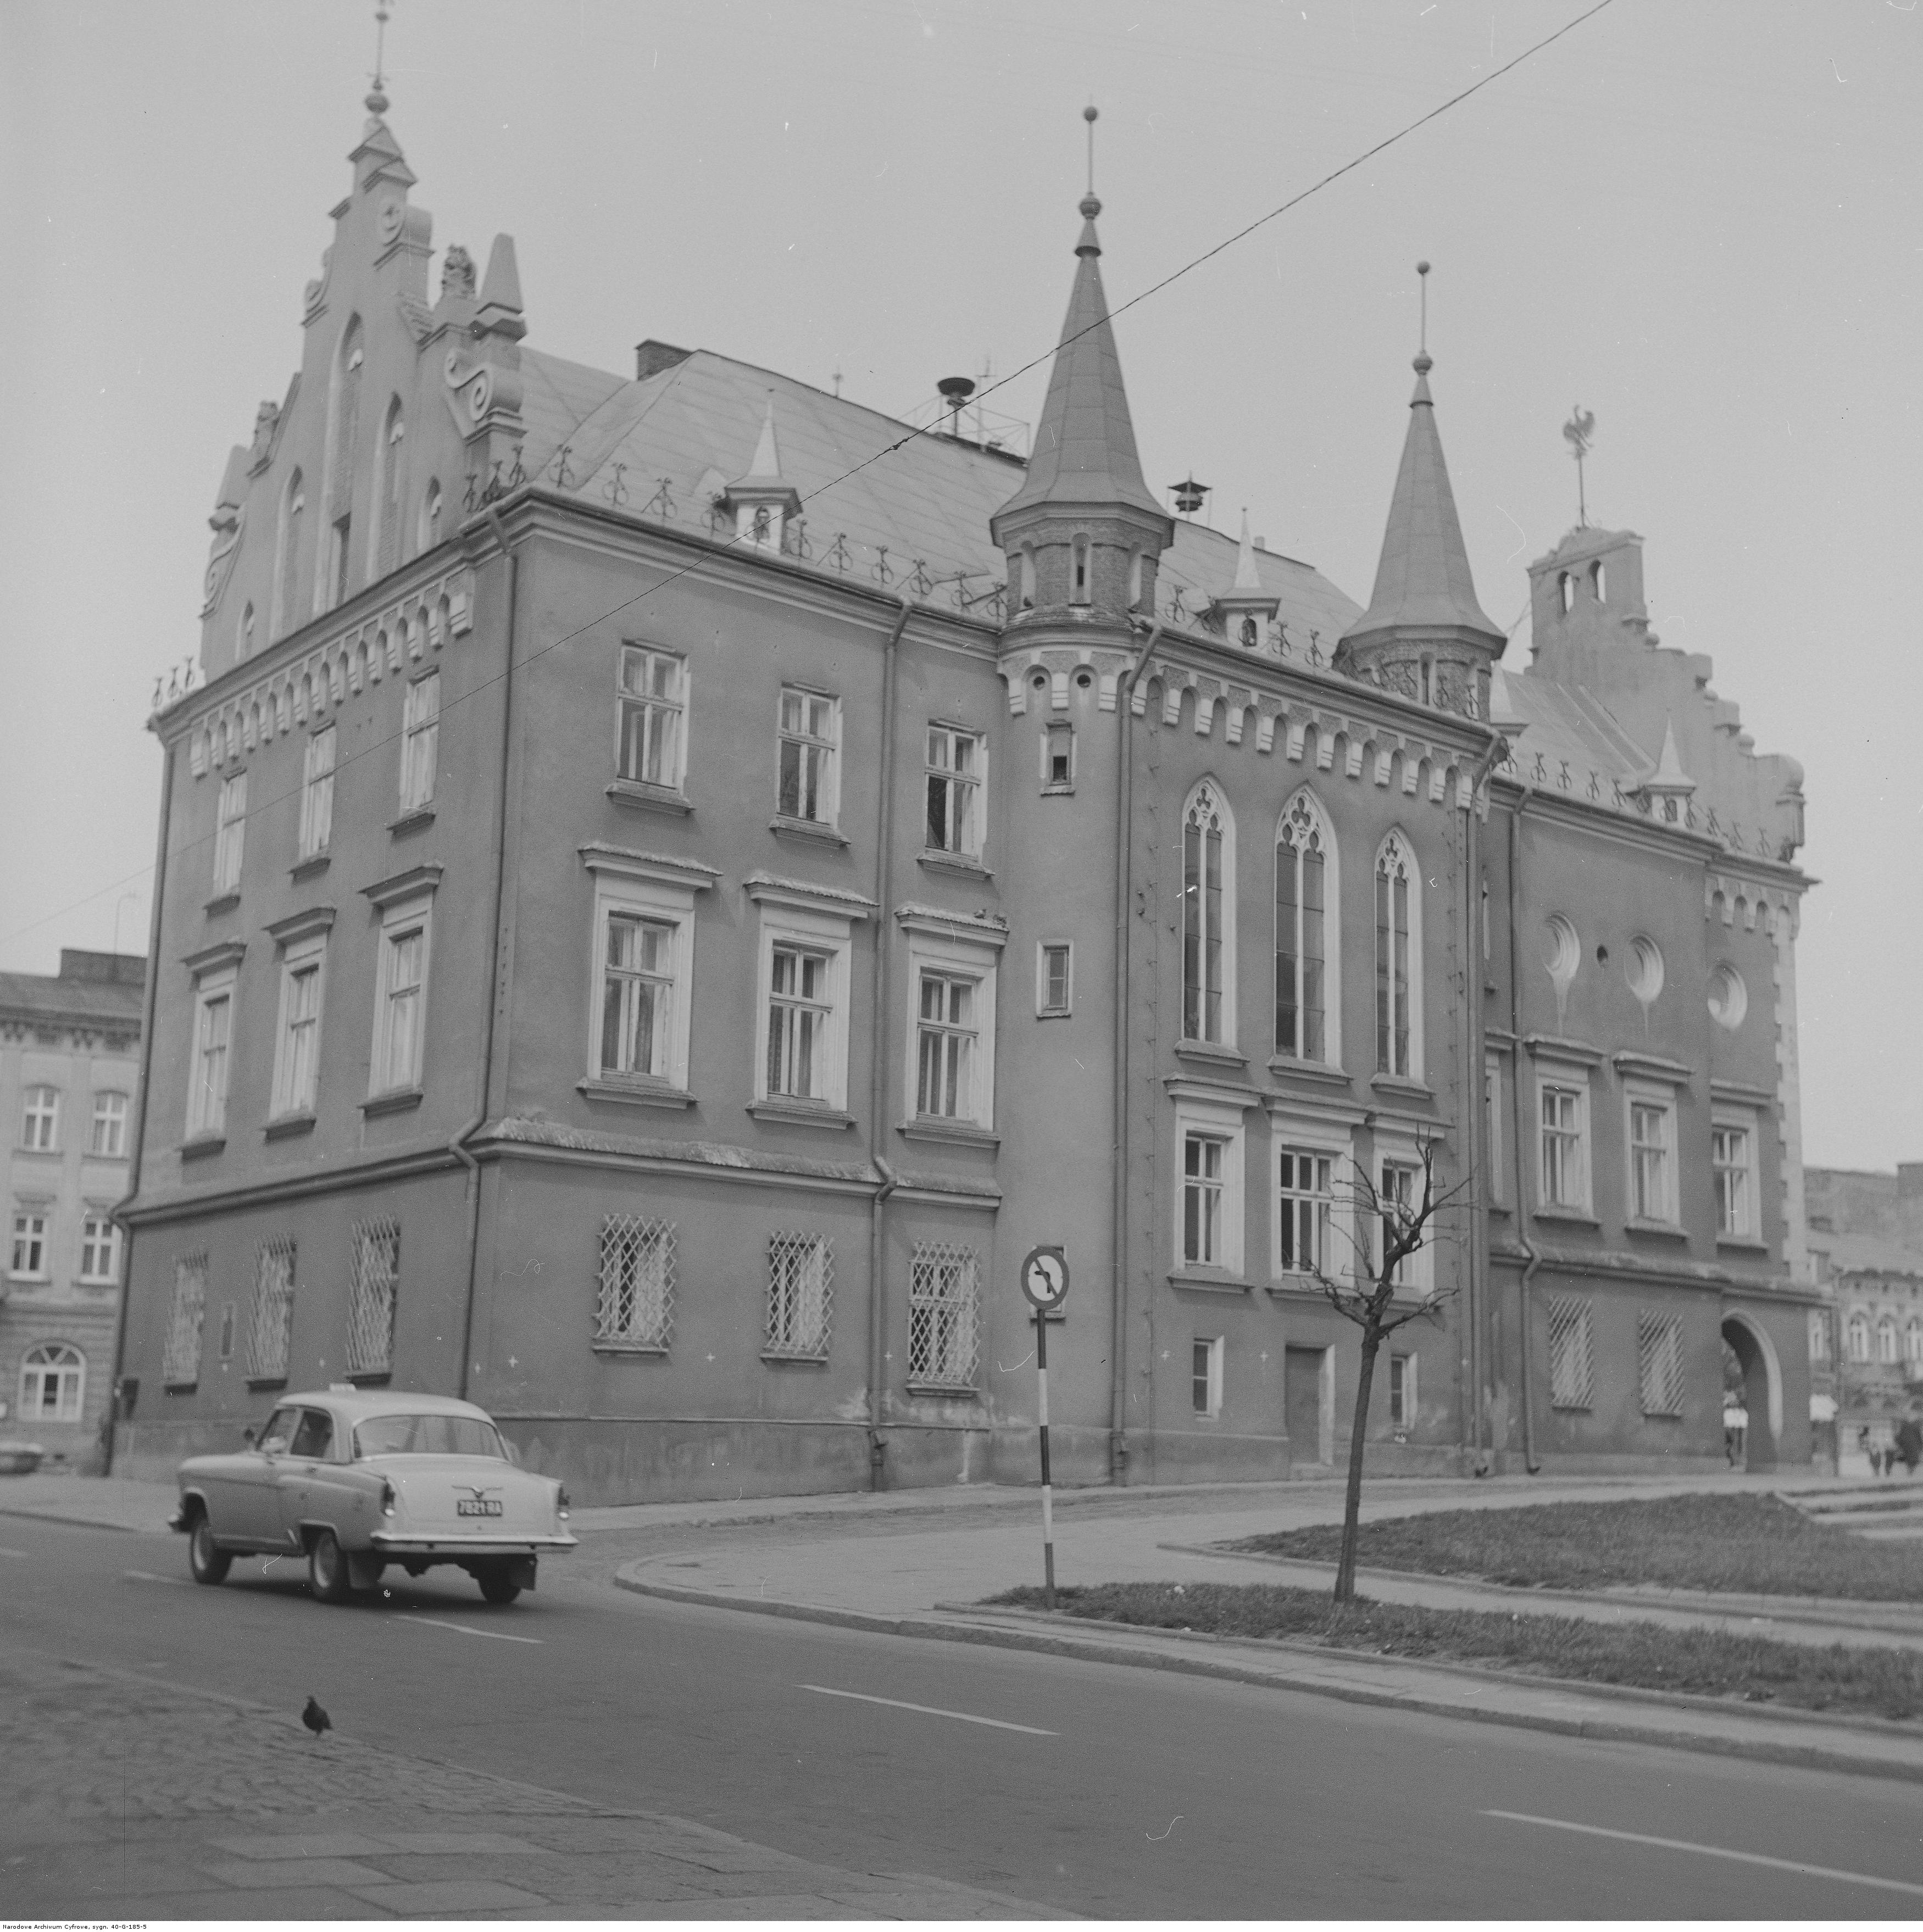 Ratusz na Rynku w Rzeszowie. Na ulicy taksówka marki GAZ-21 Wołga, rok 1974-05-12